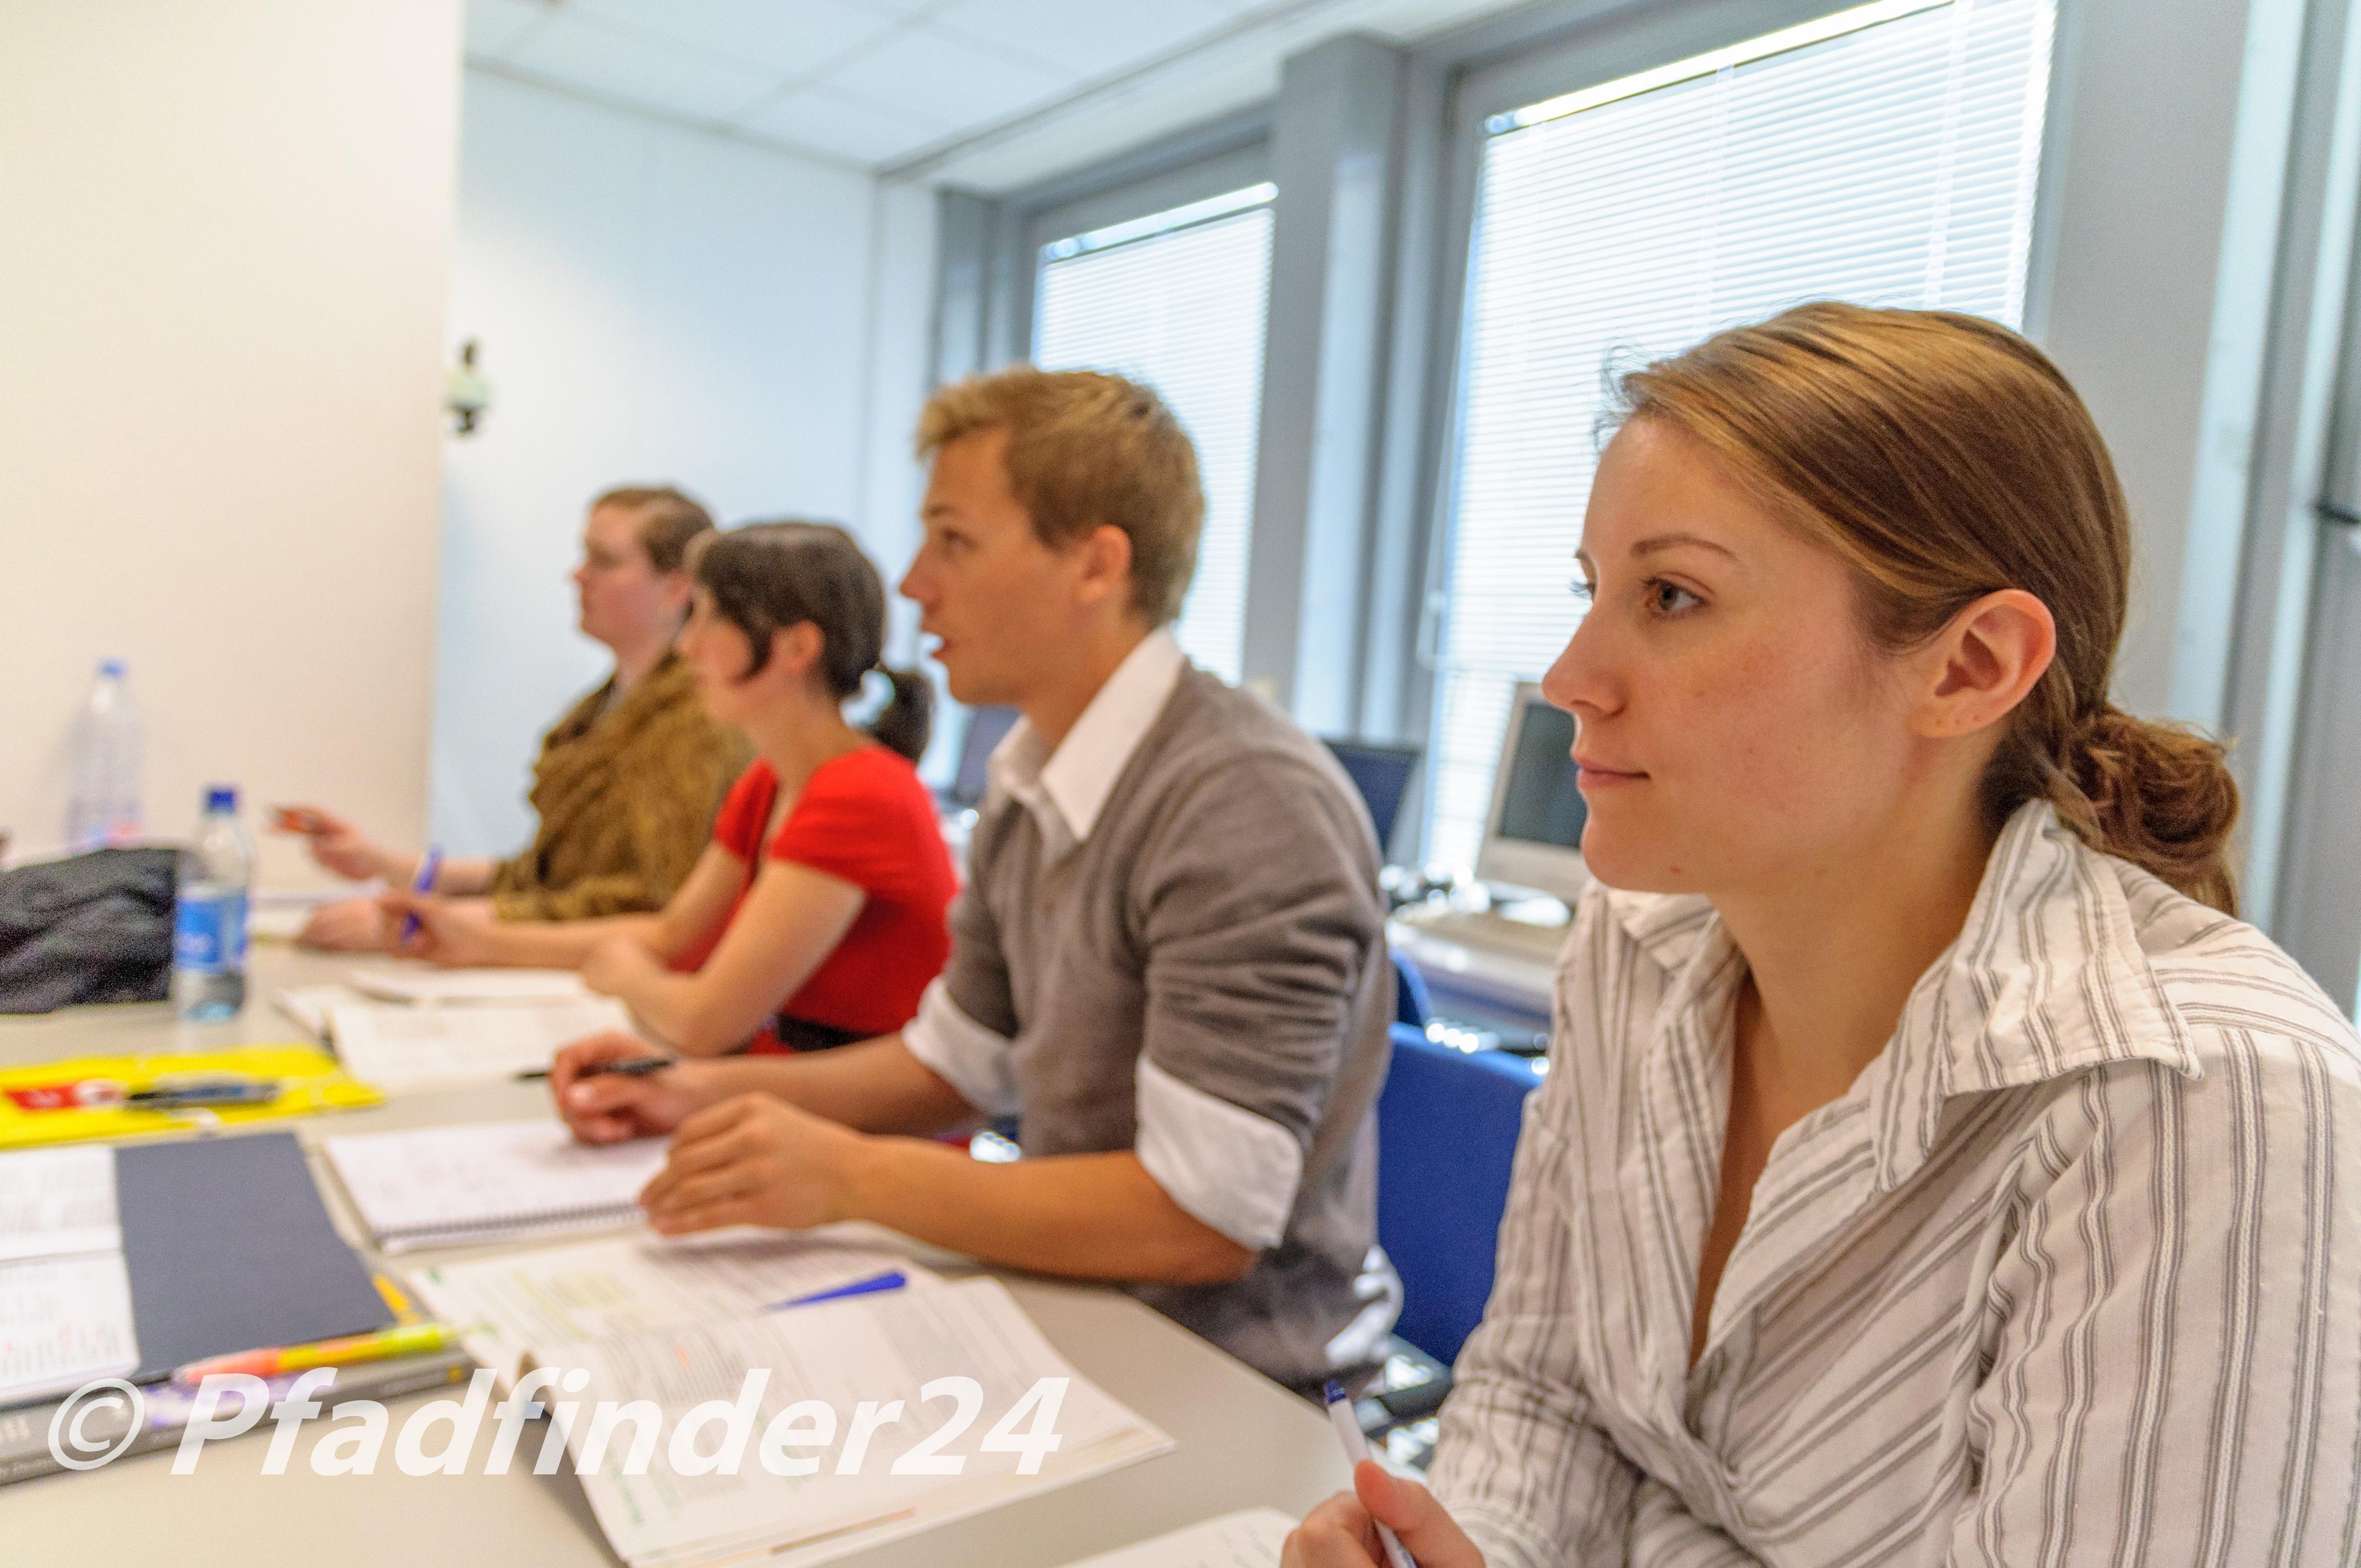 カール デユーイスベルク センター ケルン ドイツ語レッスン中の生徒